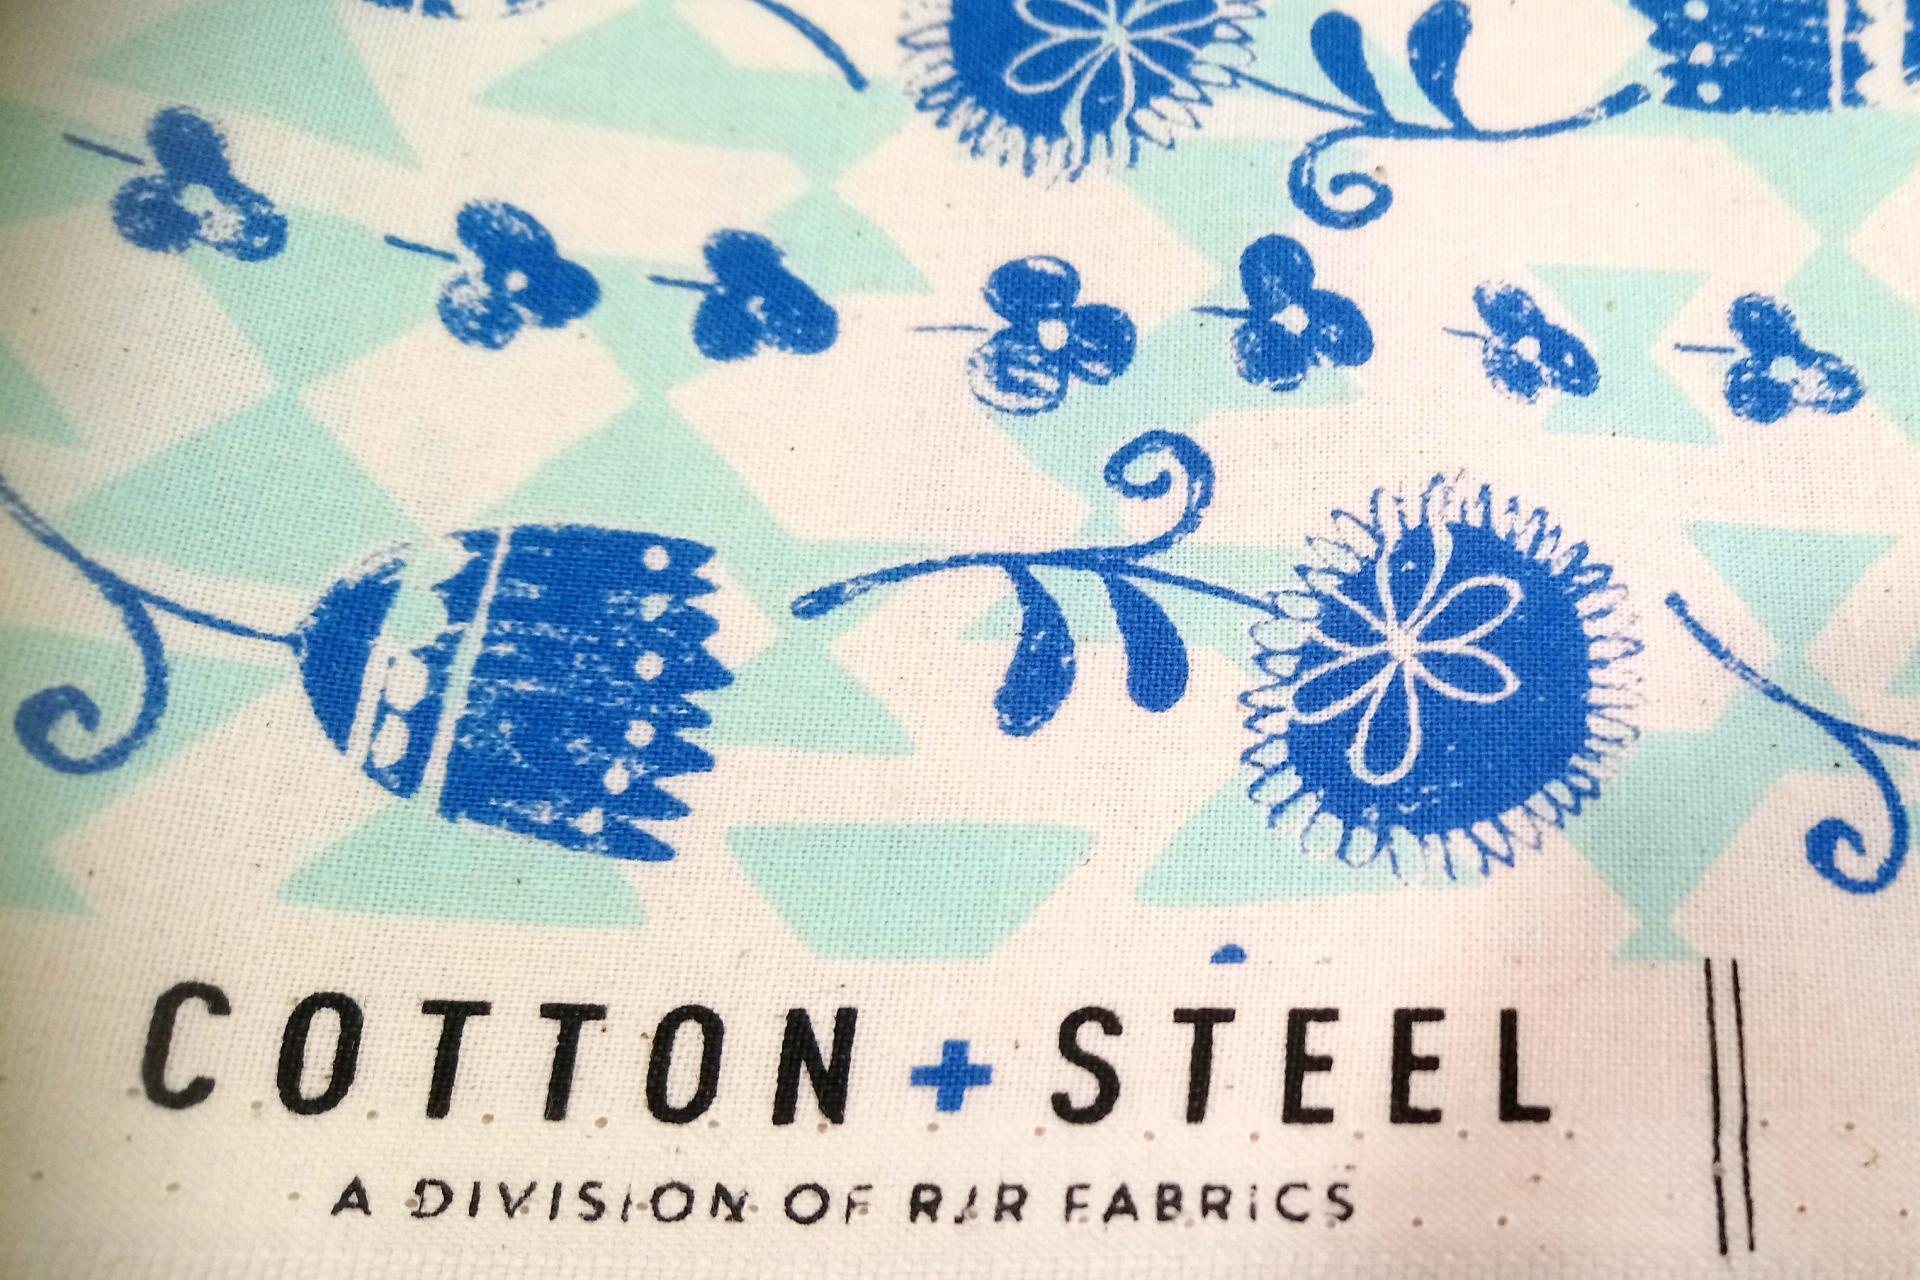 Coton mori cotton steel 4